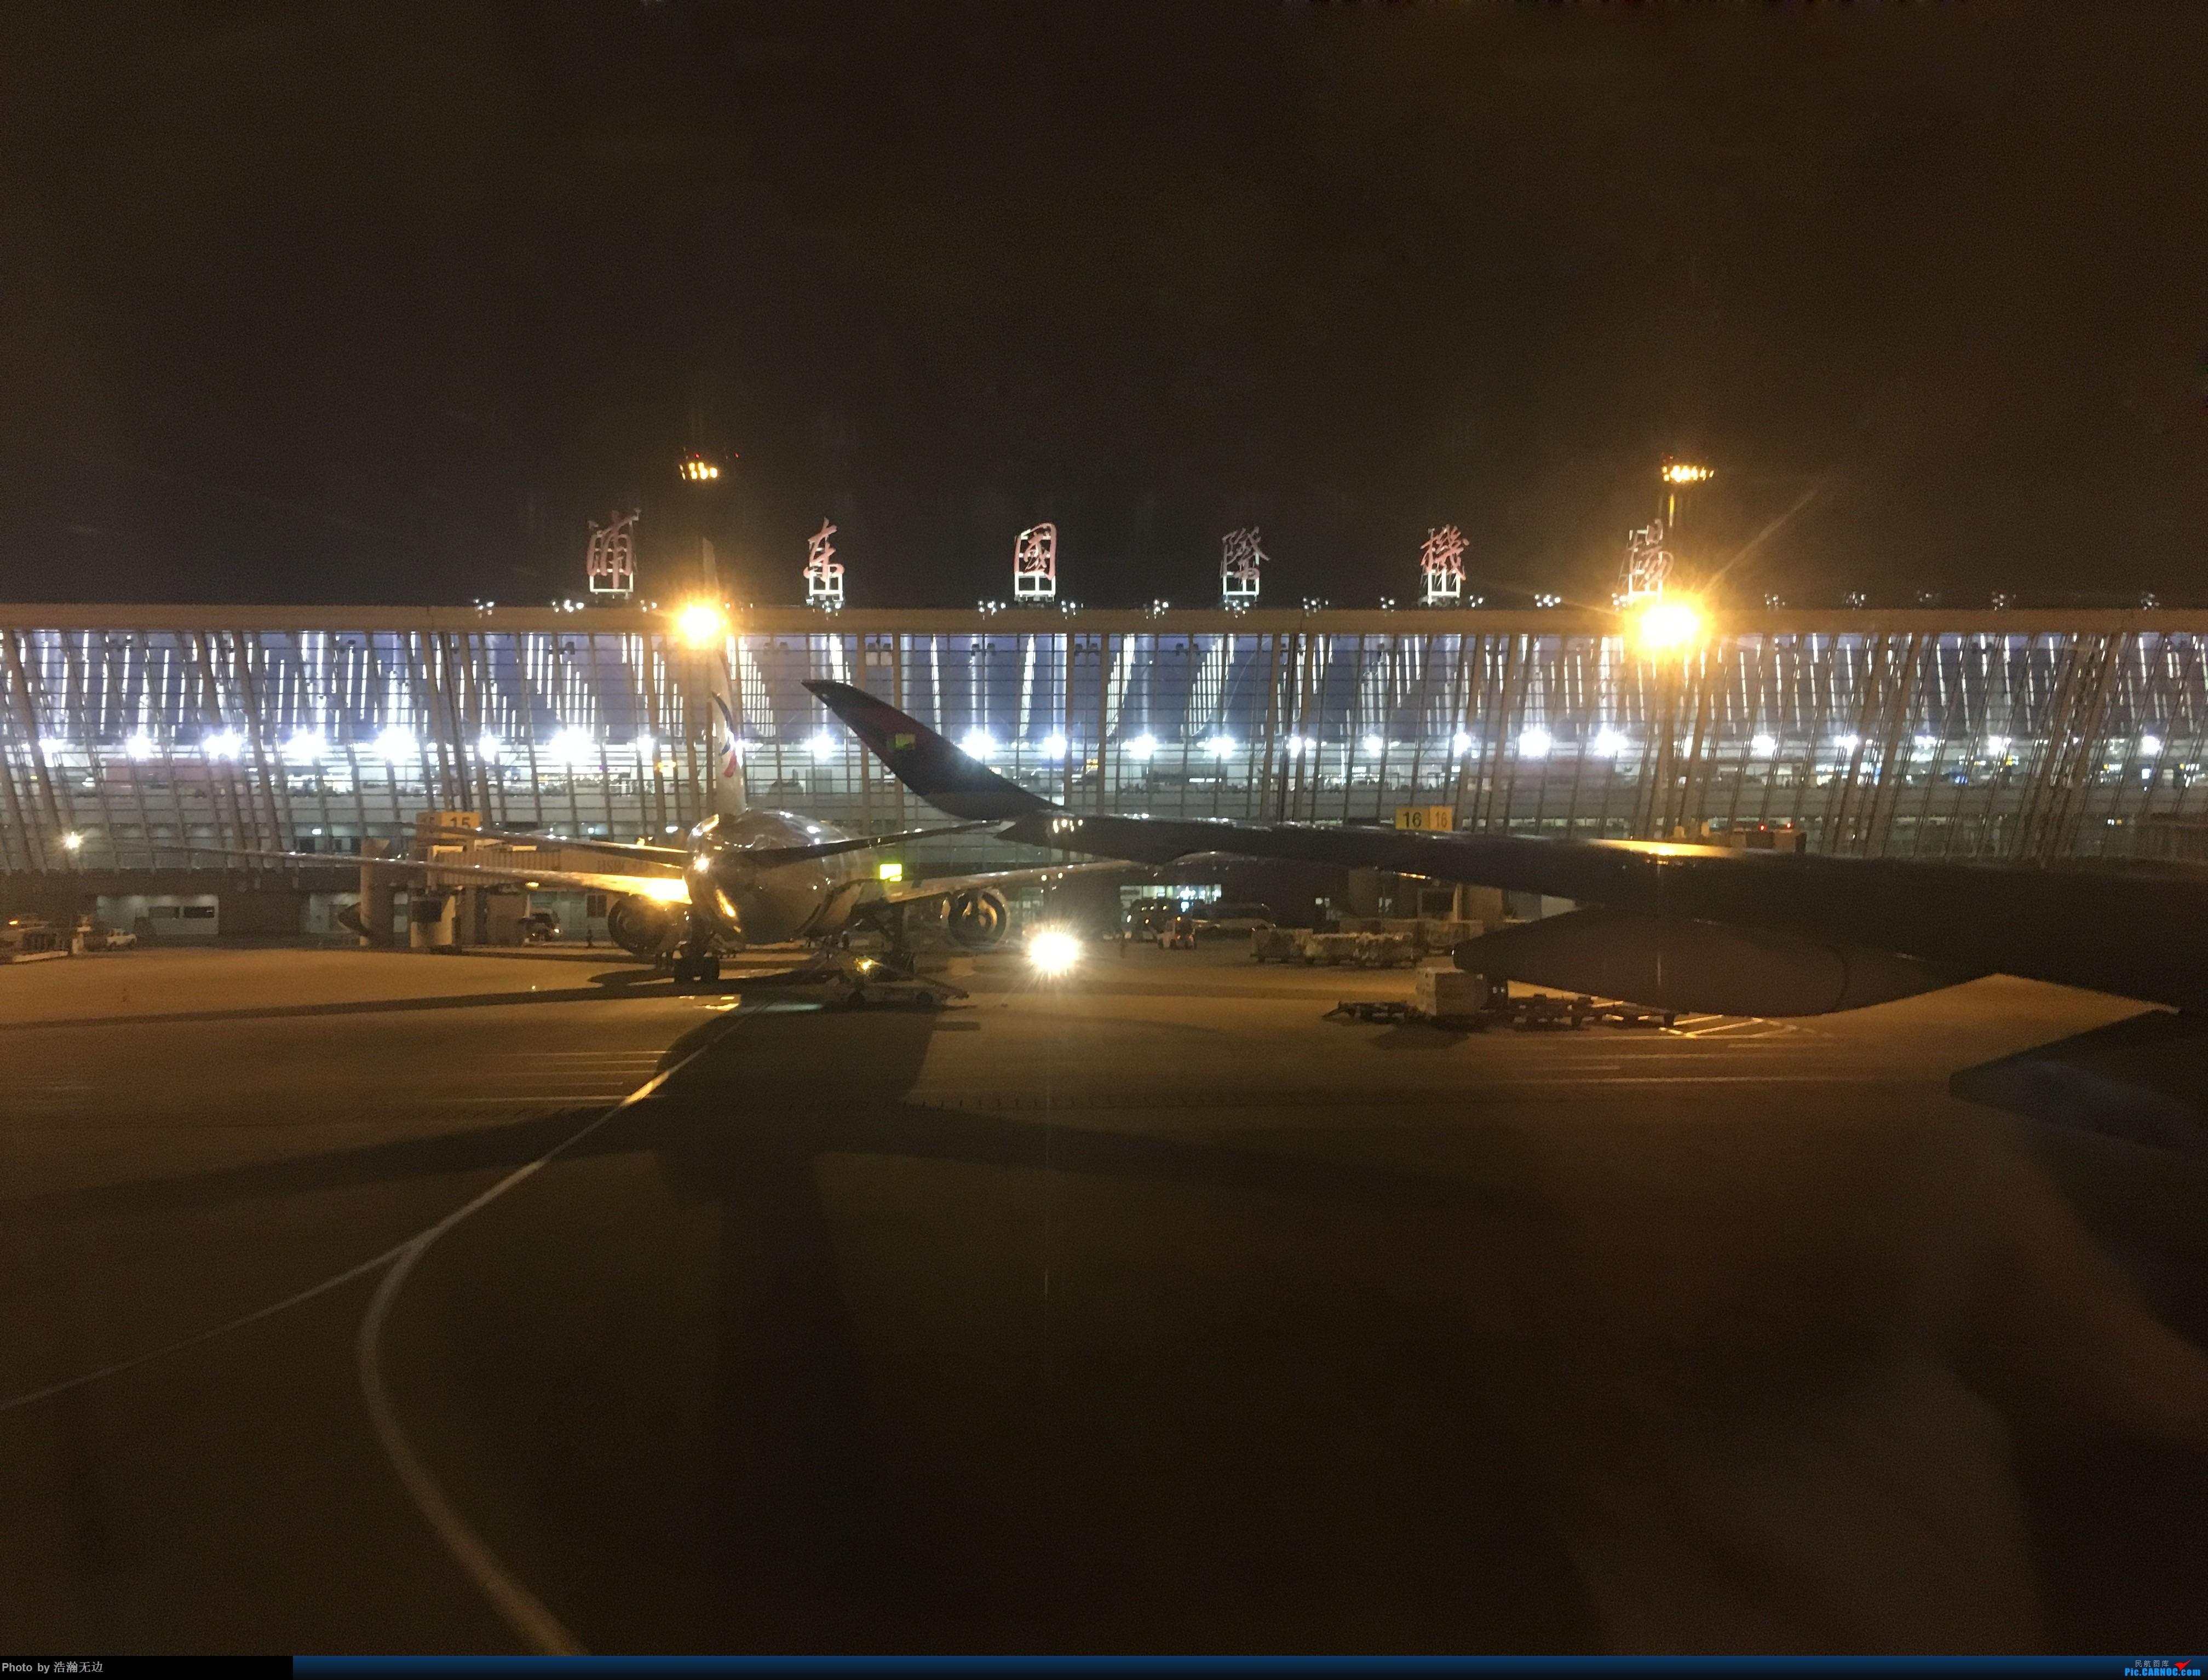 [原创]【美西14日蜜月之旅】前篇:达美航空DL88 A350-900 上海—洛杉矶,自驾2800公里体验美西粗犷壮美大自然,暴走大峡谷体验66号公路